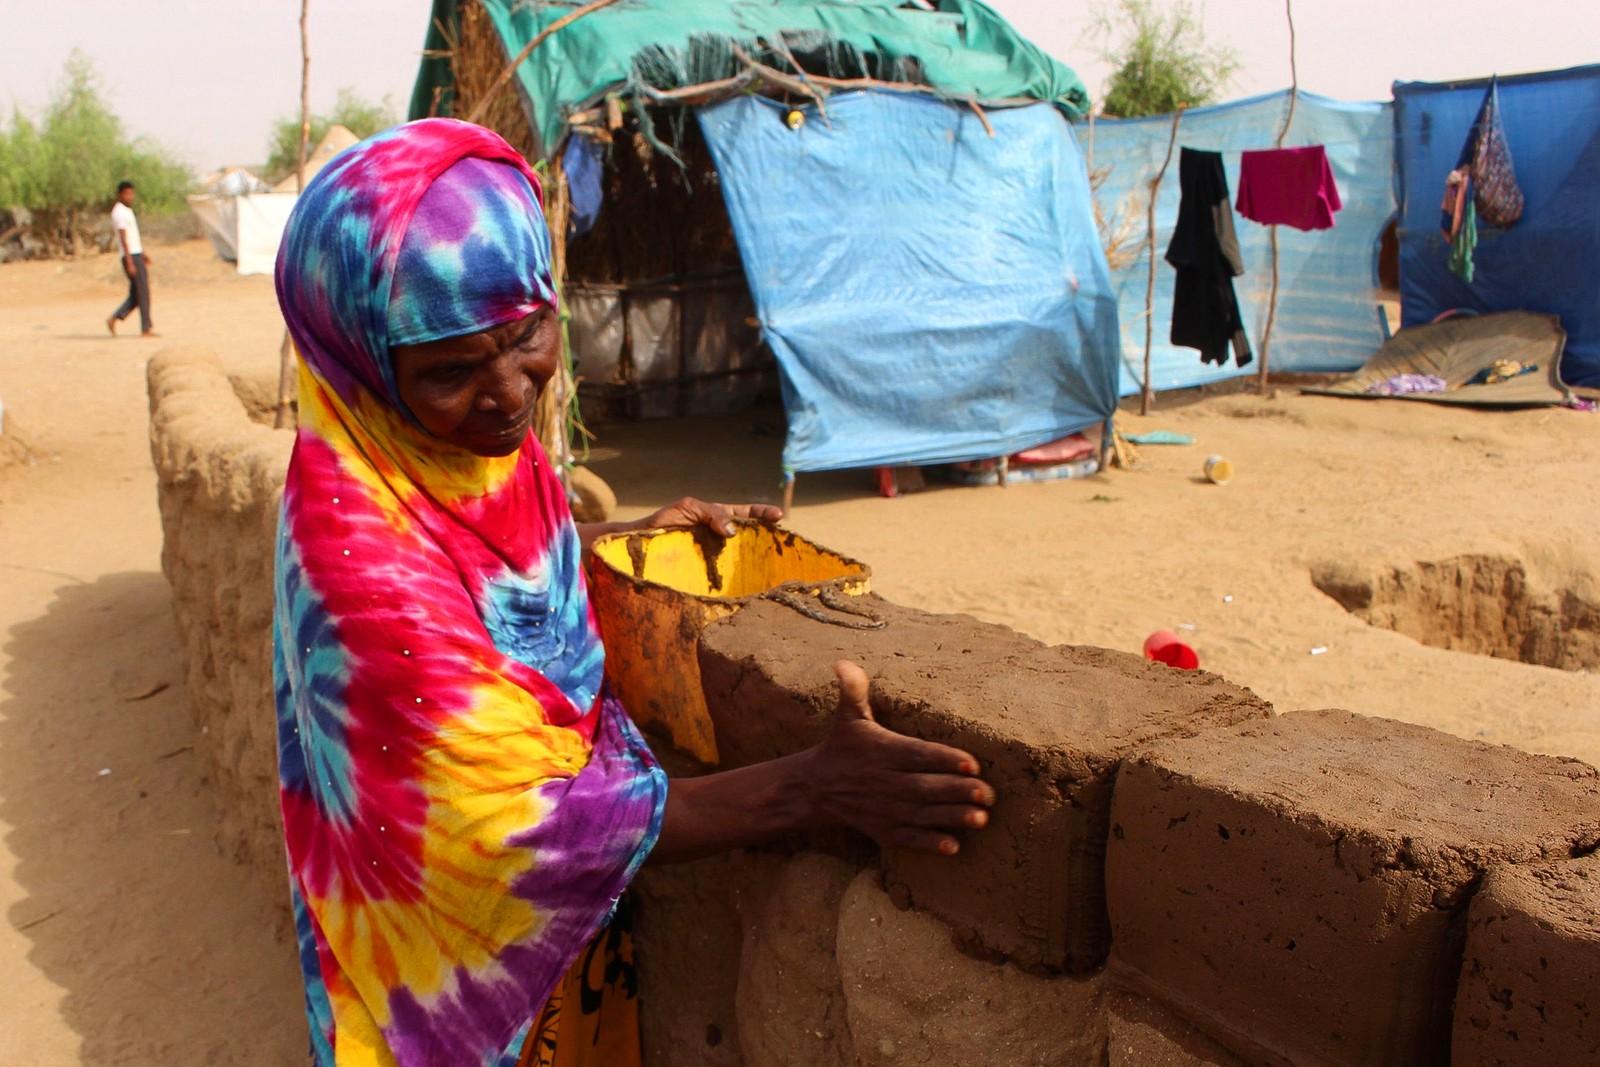 En kvinnelig flyktning fra Yemen bygger en mur av leire i en leir i Hajjah i Yemen.